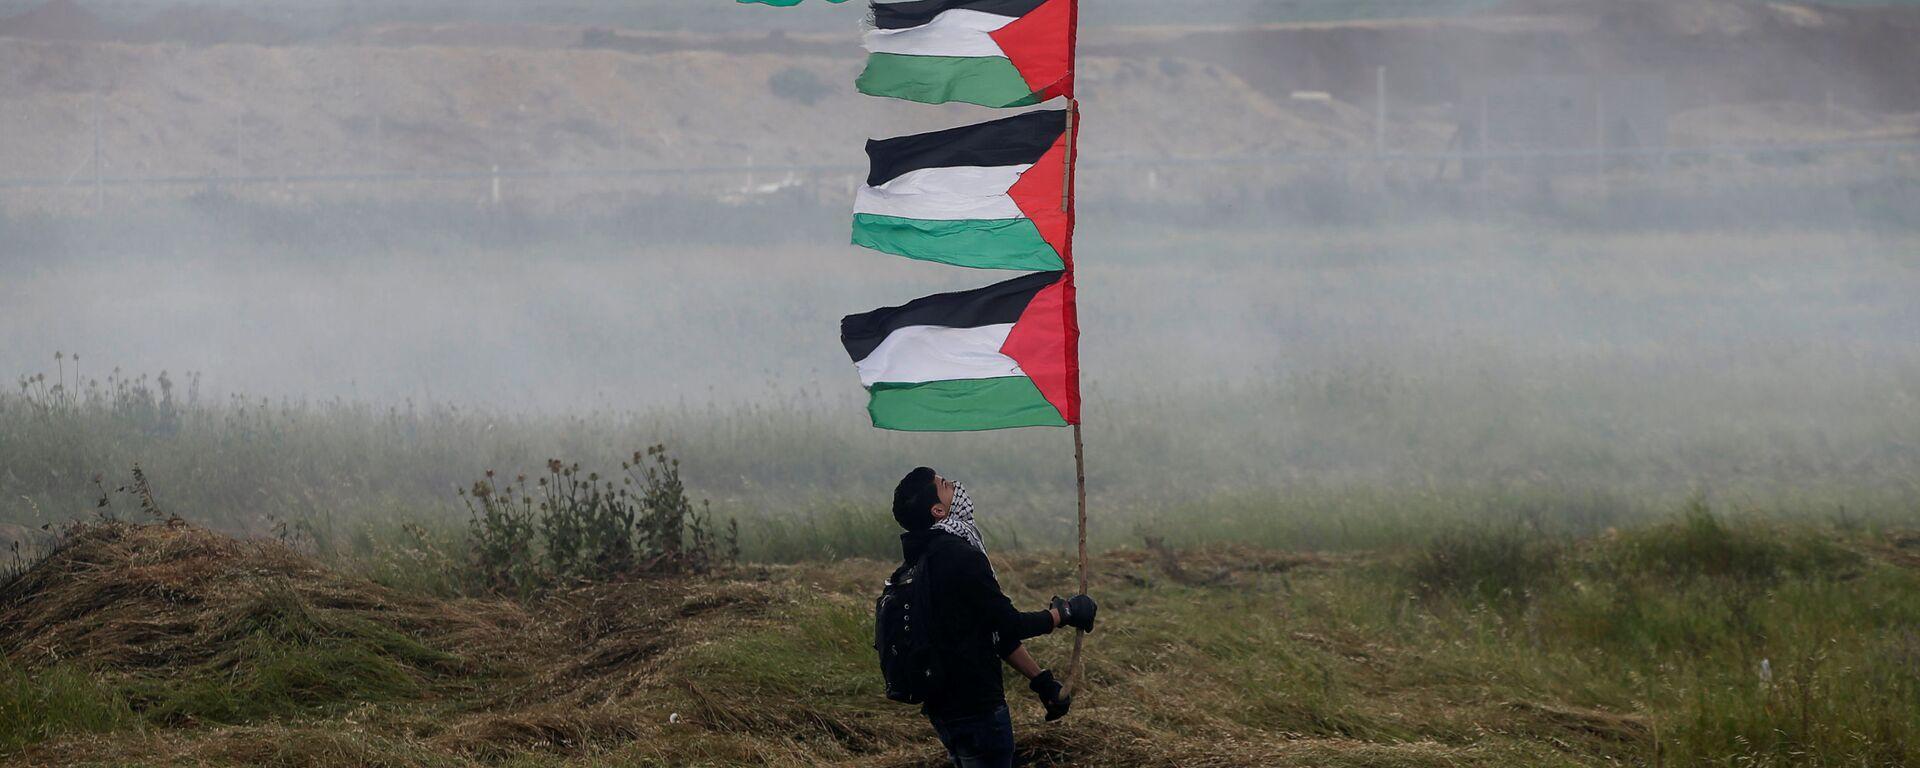 Le proteste dei palestinesi nella Striscia di Gaza al confine con l'Israele - Sputnik Italia, 1920, 26.05.2021